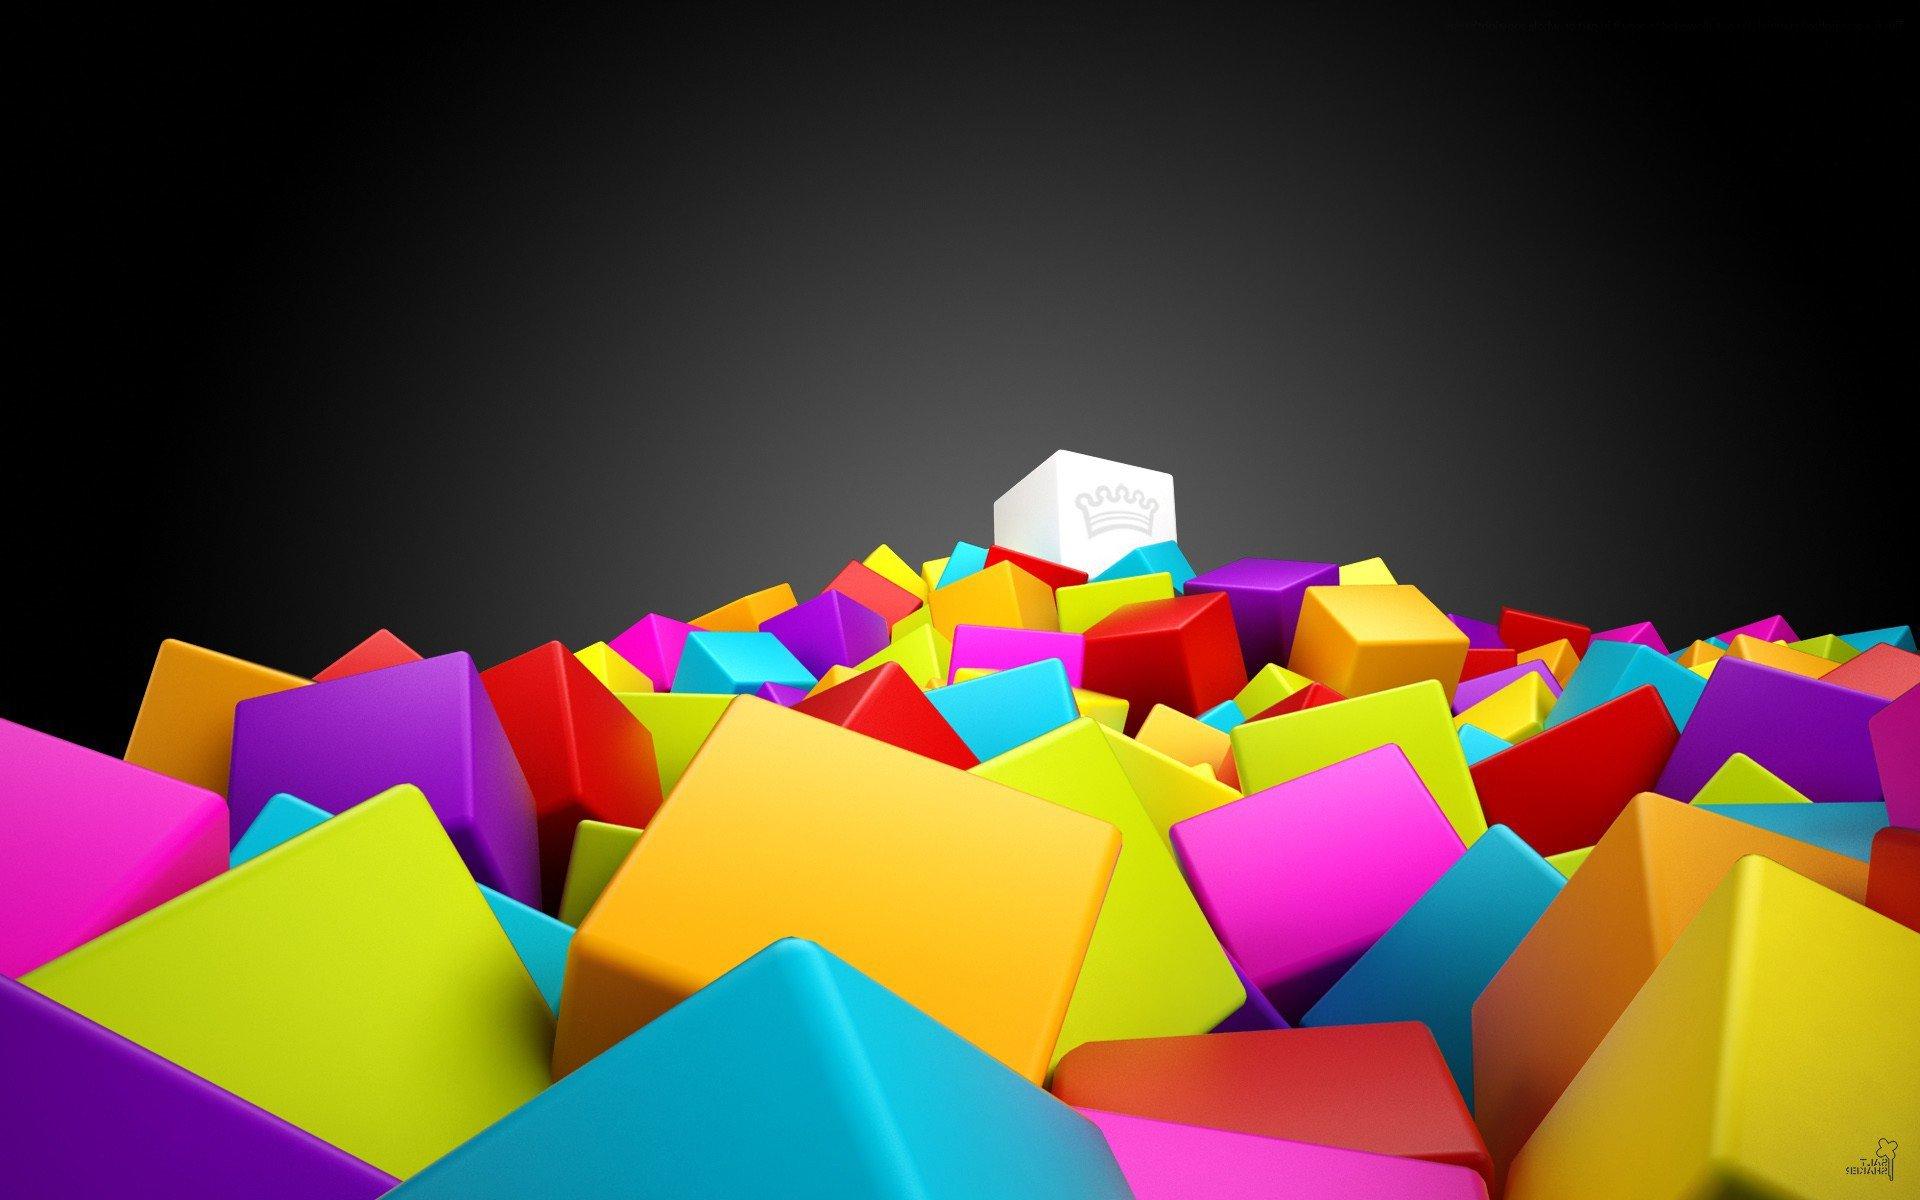 fond d ecran cube hd fond d ecran